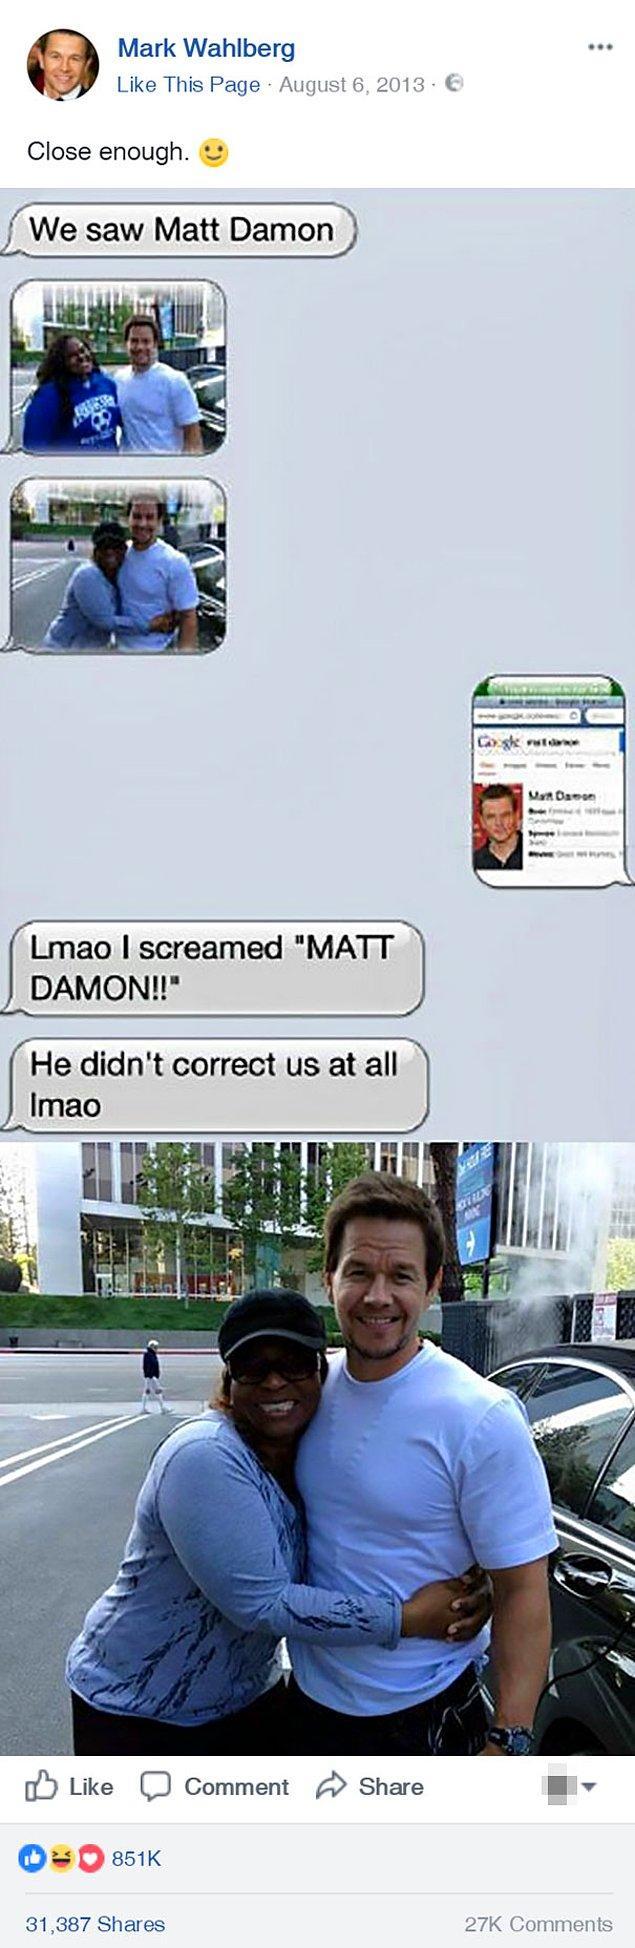 1. Mark Wahlberg'ün bile bozuntuya vermediği yanlış anlaşılma 😂